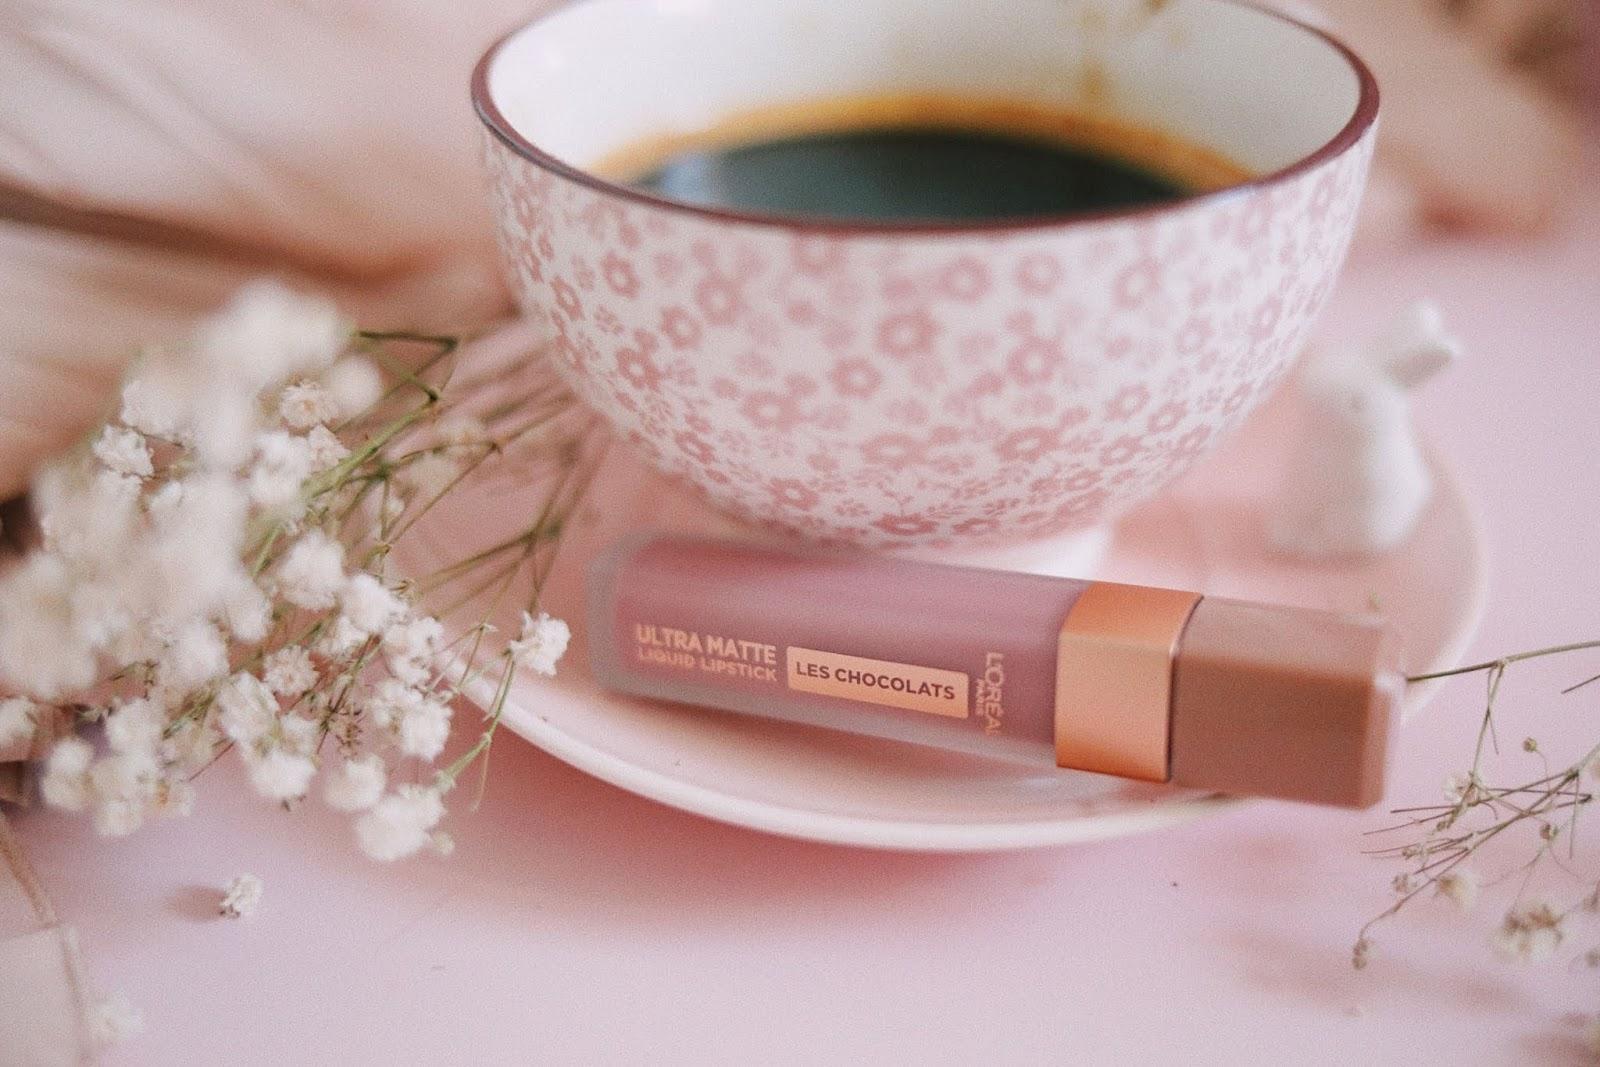 les chocolats ultra matte , l'oréal paris , infaillible, revue , avis , 842 Candy Man , 848 Dose Of Cocoa , Swatch ,rose mademoiselle , rosemademoiselle , blog beauté , paris ,